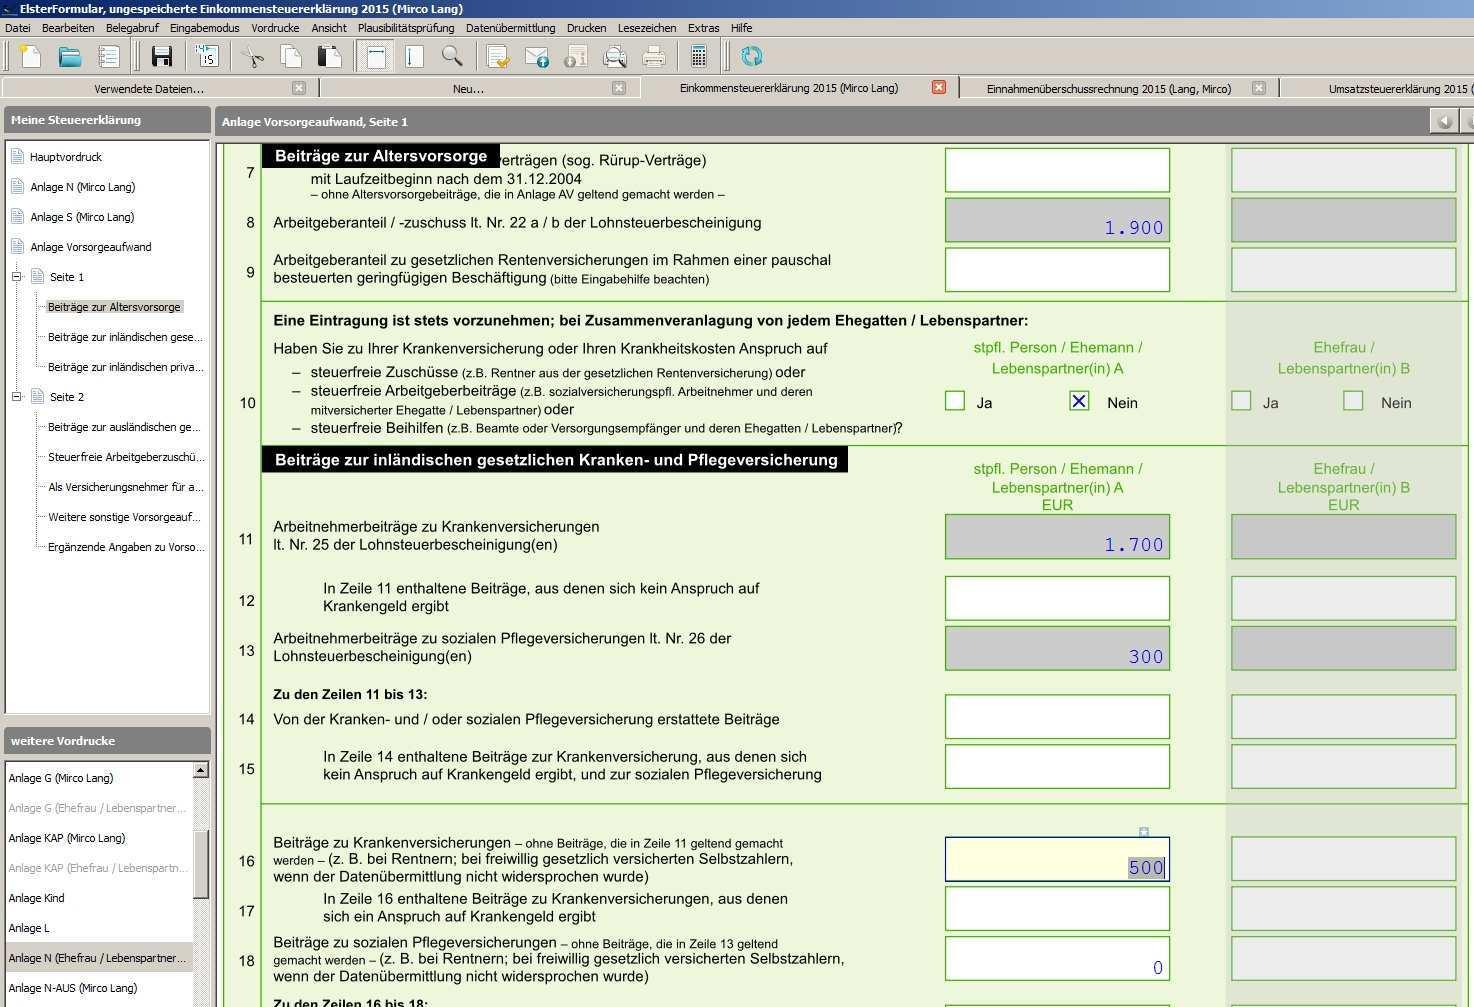 Anleitung Steuererklarung Mit Elster Erstellen Schritt Fur Schritt Beispiel Tutonaut De